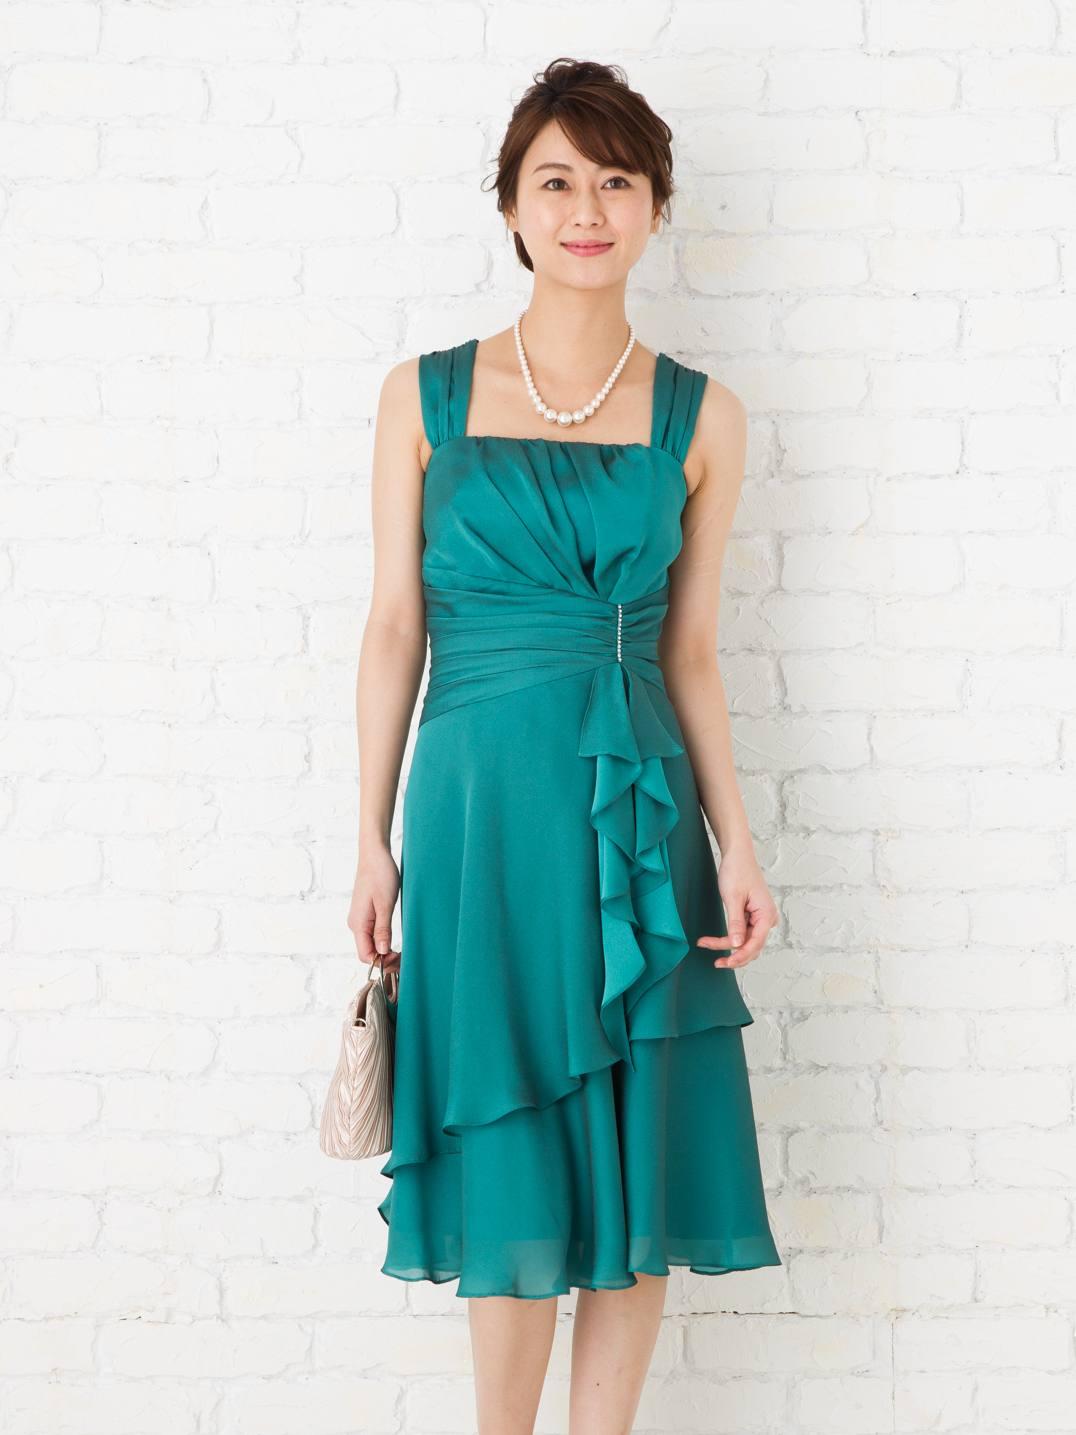 She's ドレス / Mサイズ (DOC0027)